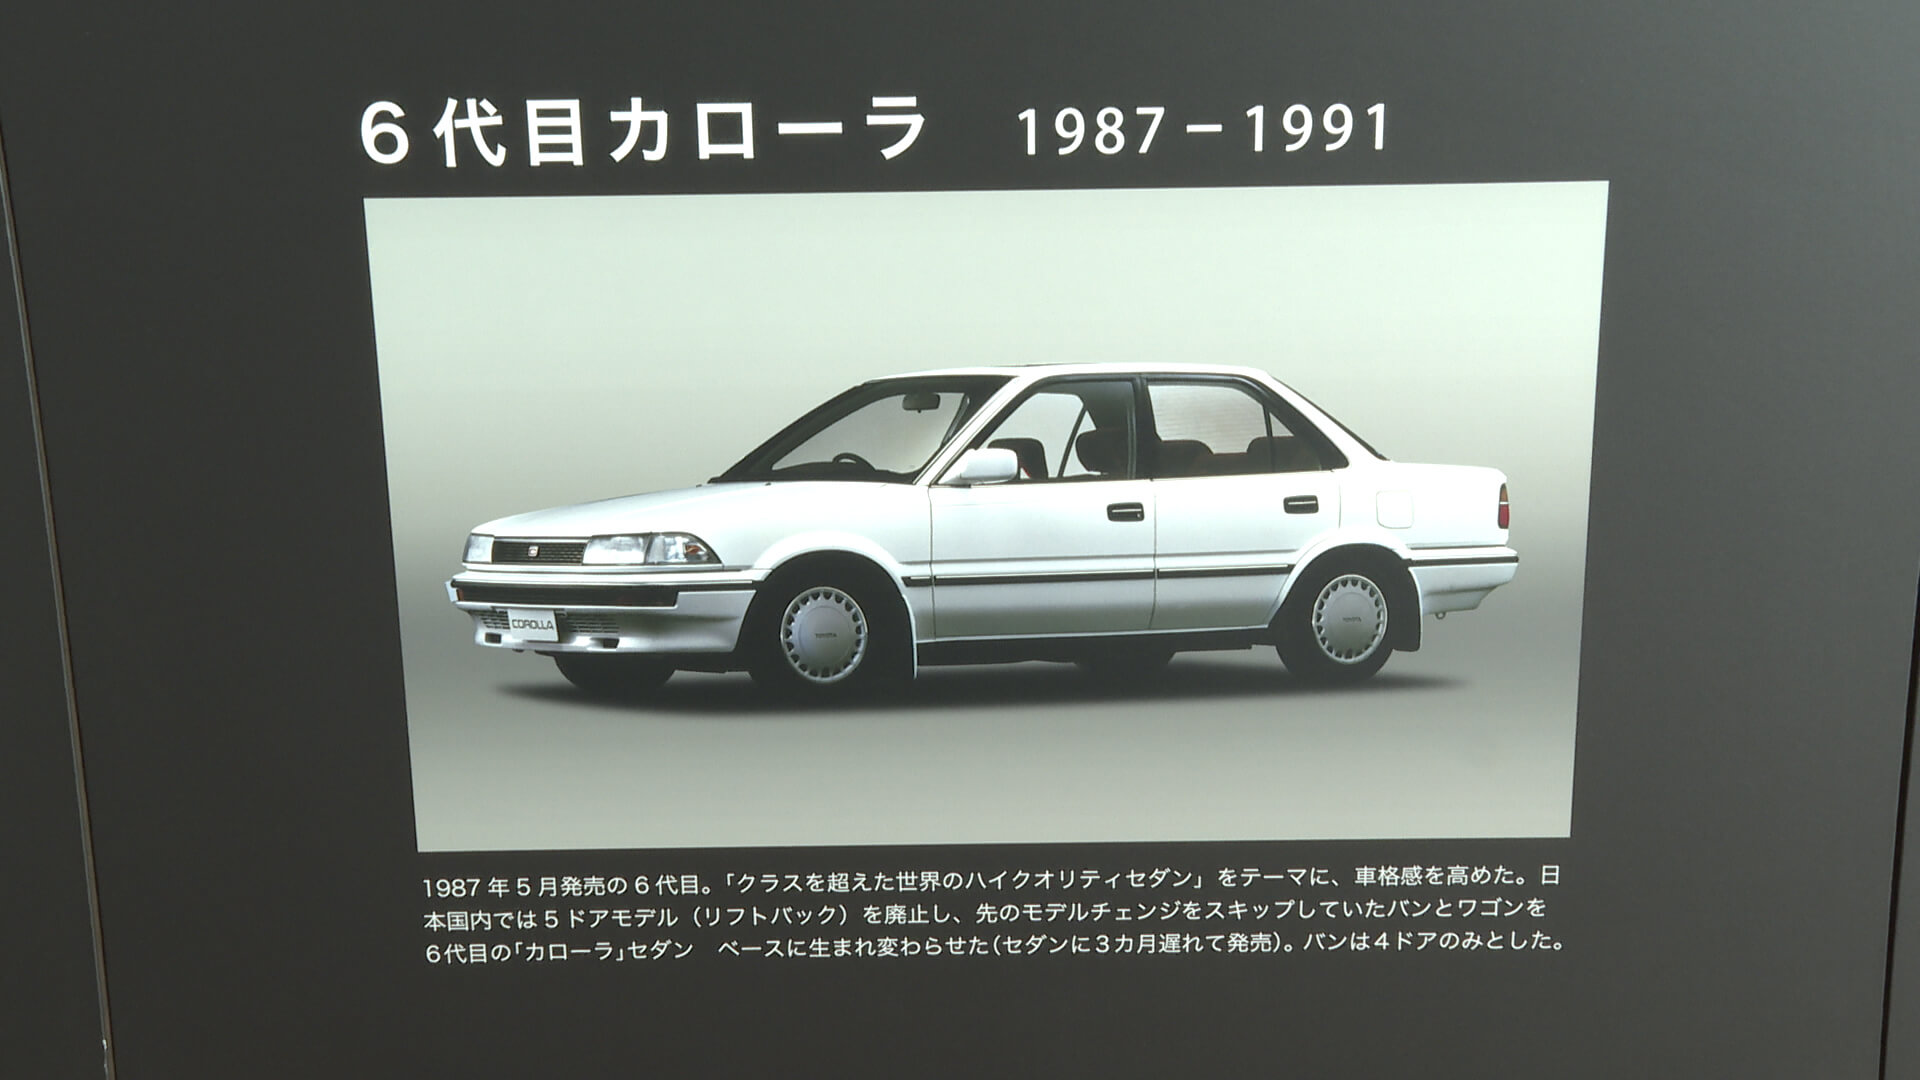 トヨタ 6代目カローラ(1987年~1990年)